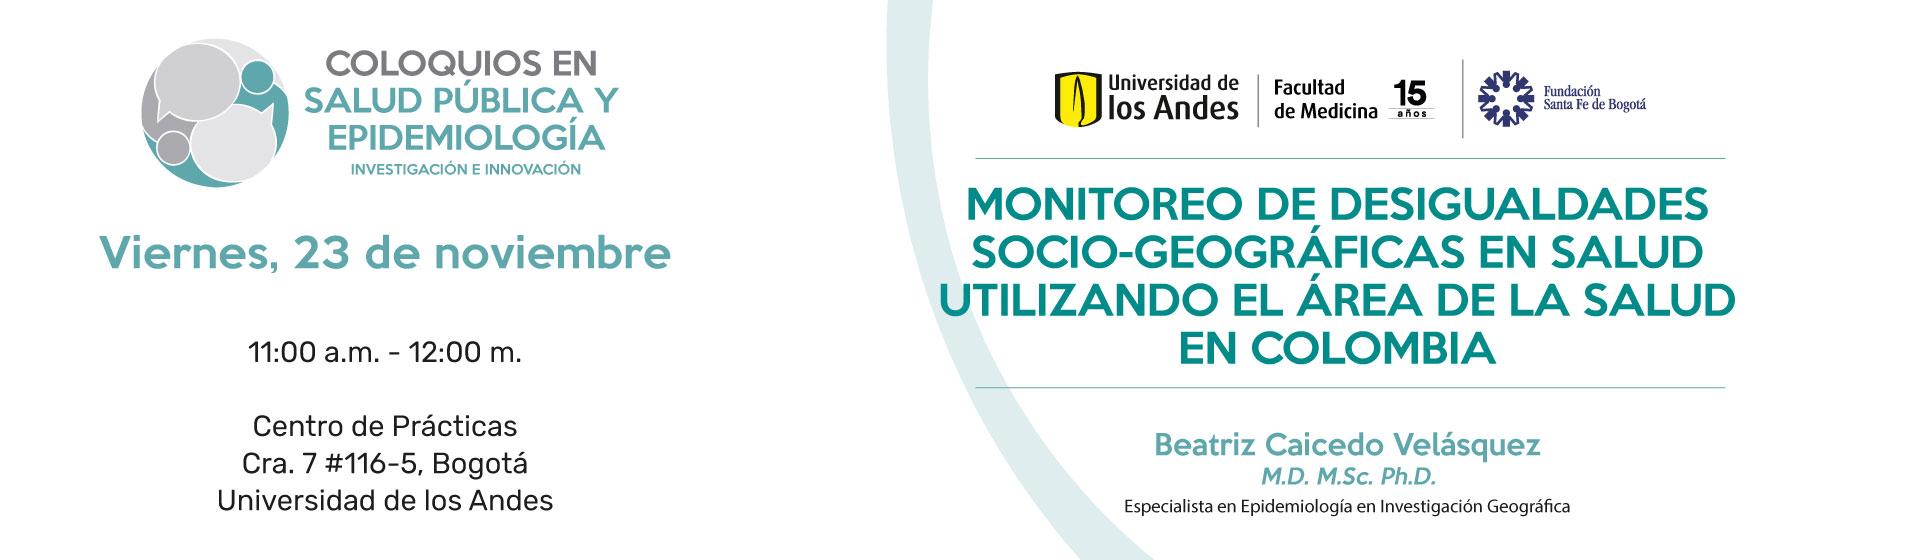 Coloquio Monitoreo de Desigualdades socio-geográficas en Salud utilizando el Área de la Salud en Colombia